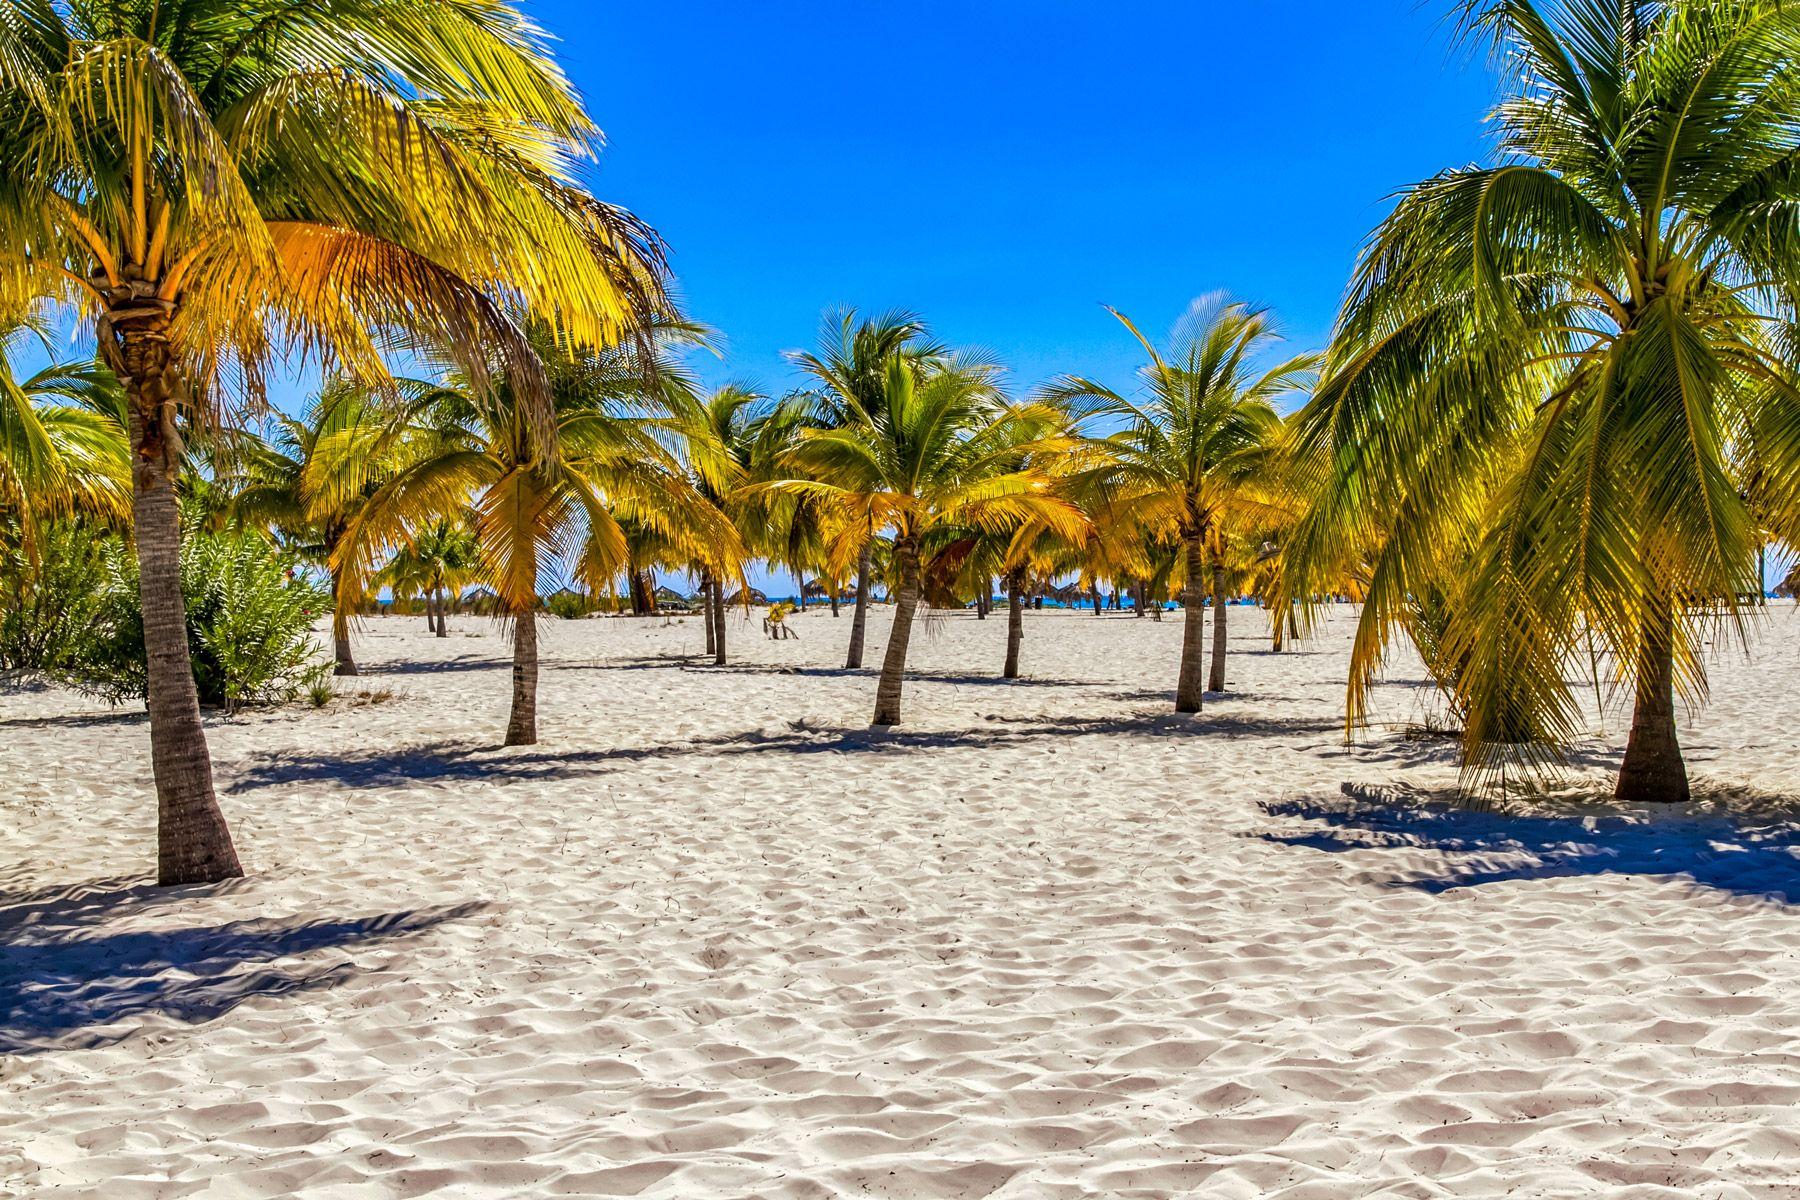 Playa Paraiso Cayo Largo Island Cuba